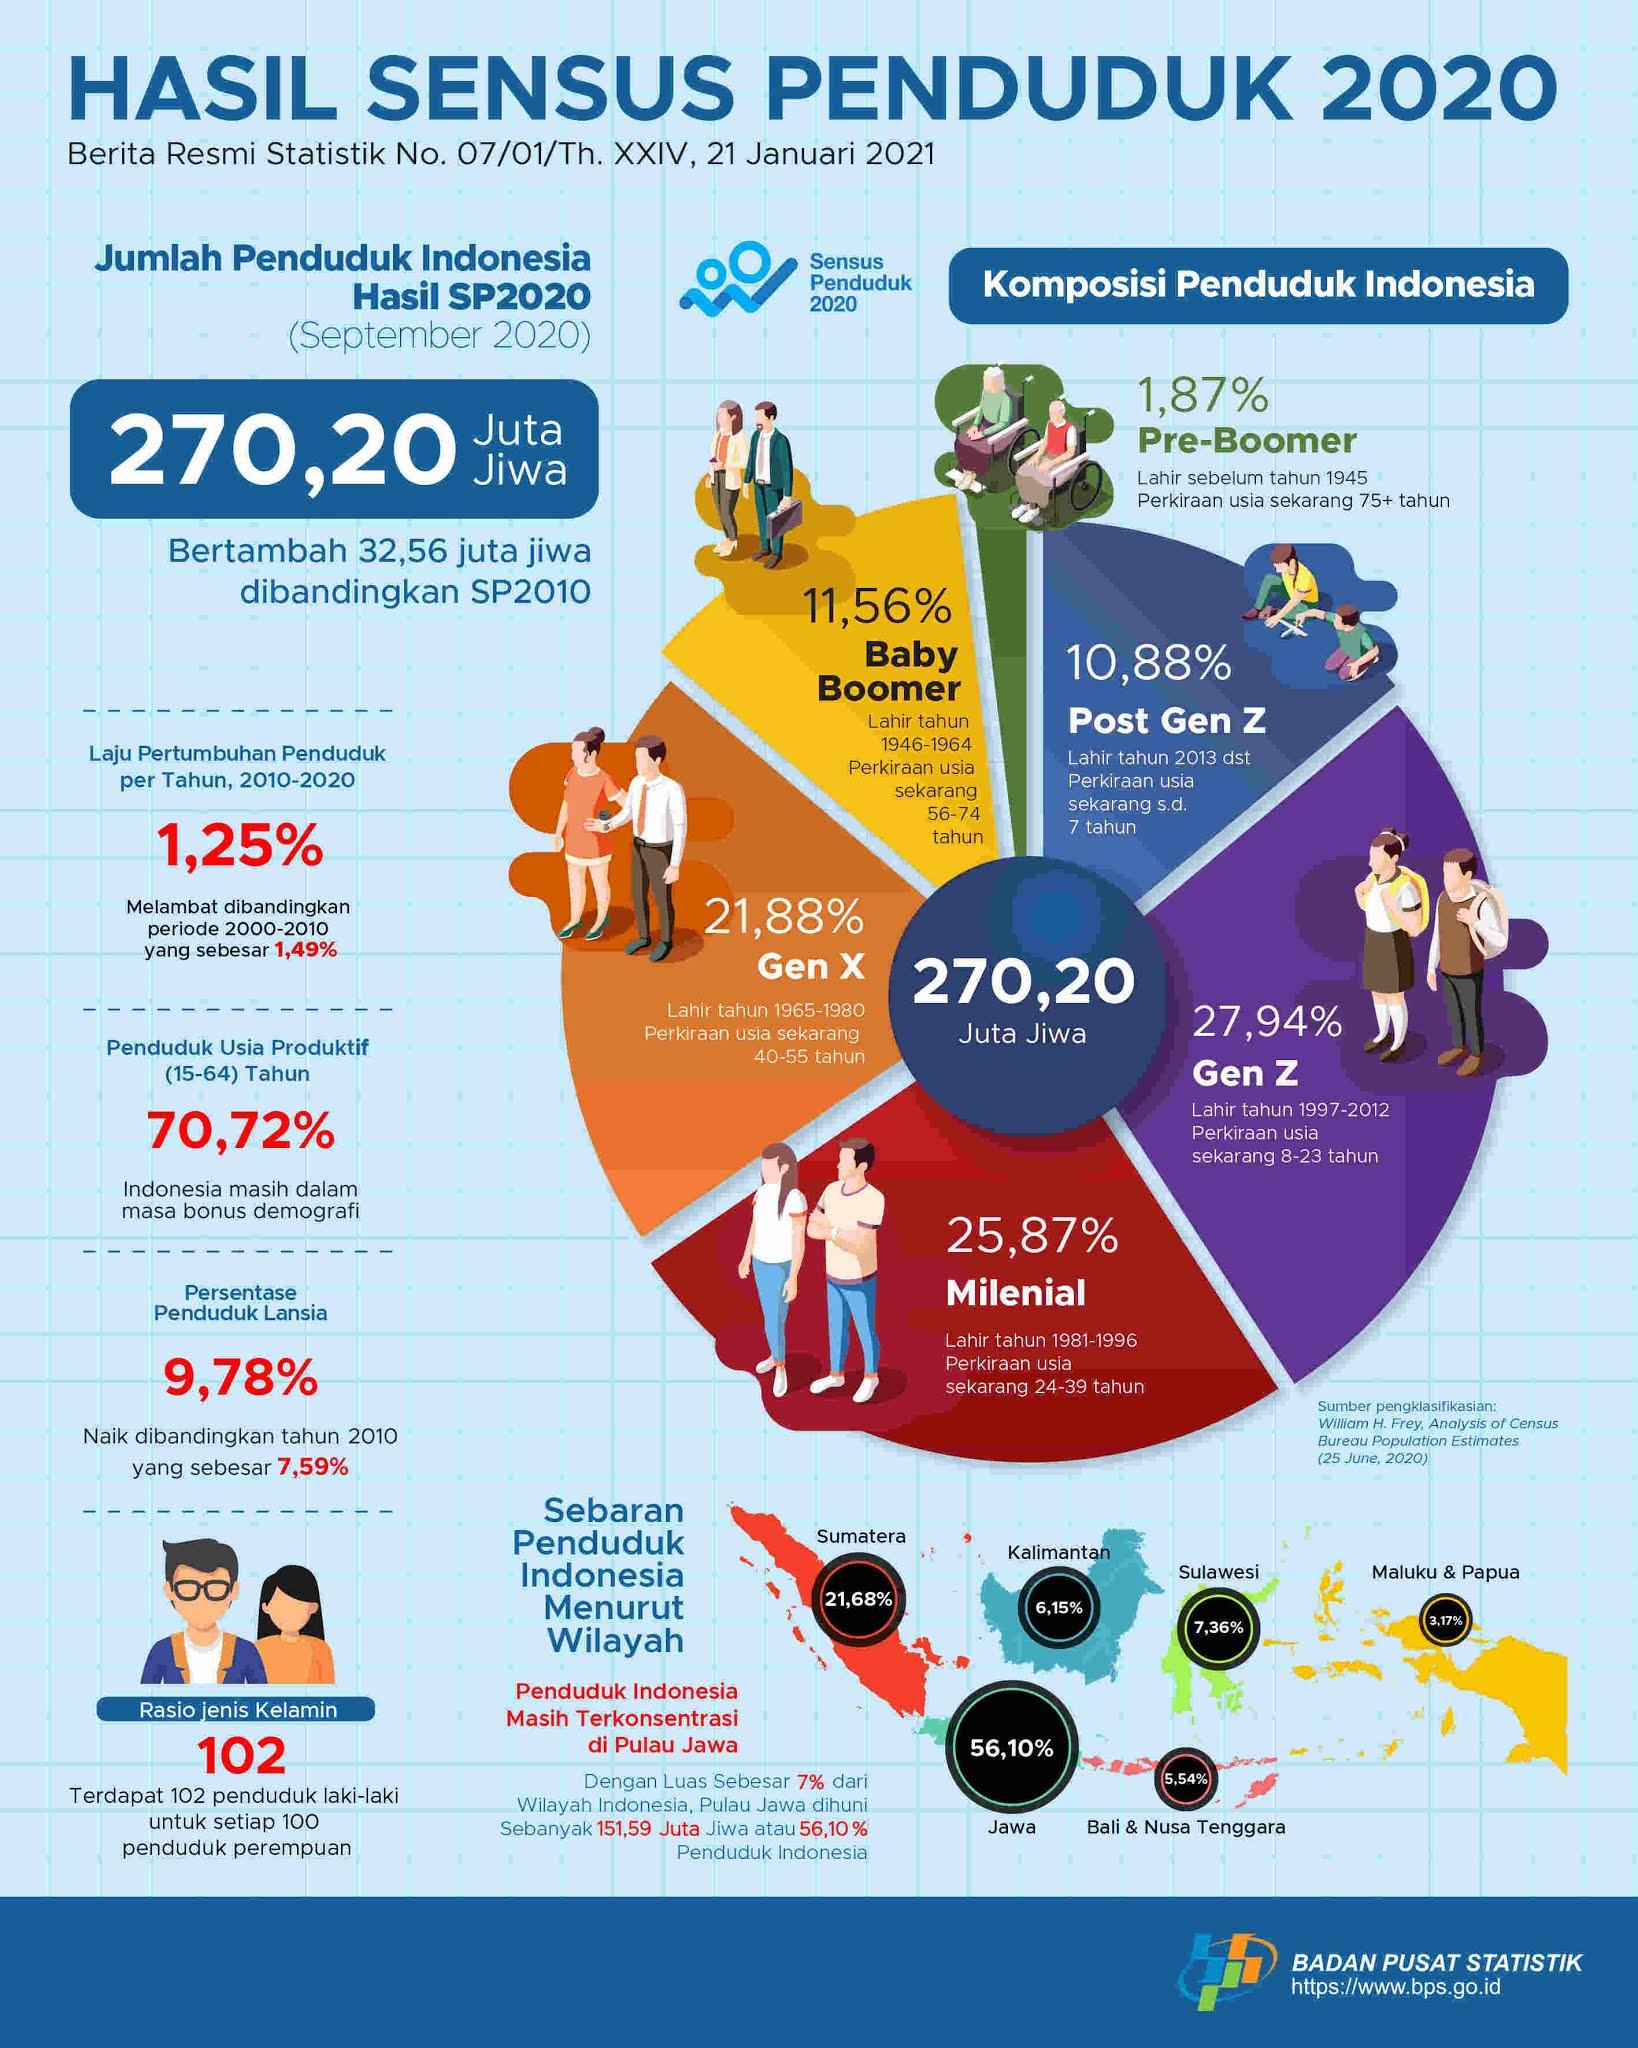 Hasil Sensus Penduduk 2020 dari Badan Pusat Statistik (BPS)